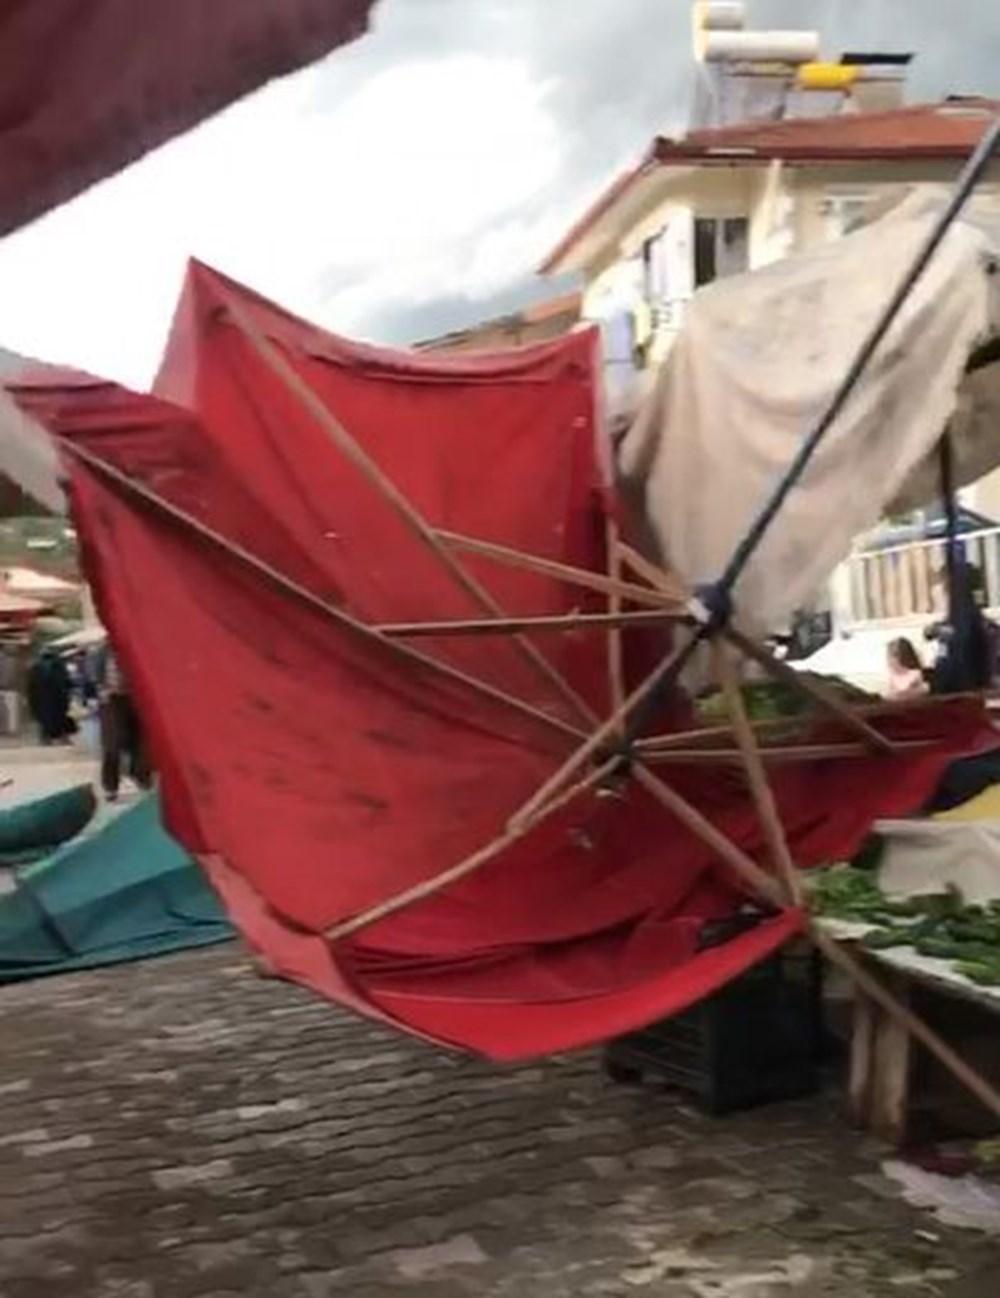 Tokat'ta şiddetli rüzgar: Çatılar uçtu, ağaçlar devrildi - 7